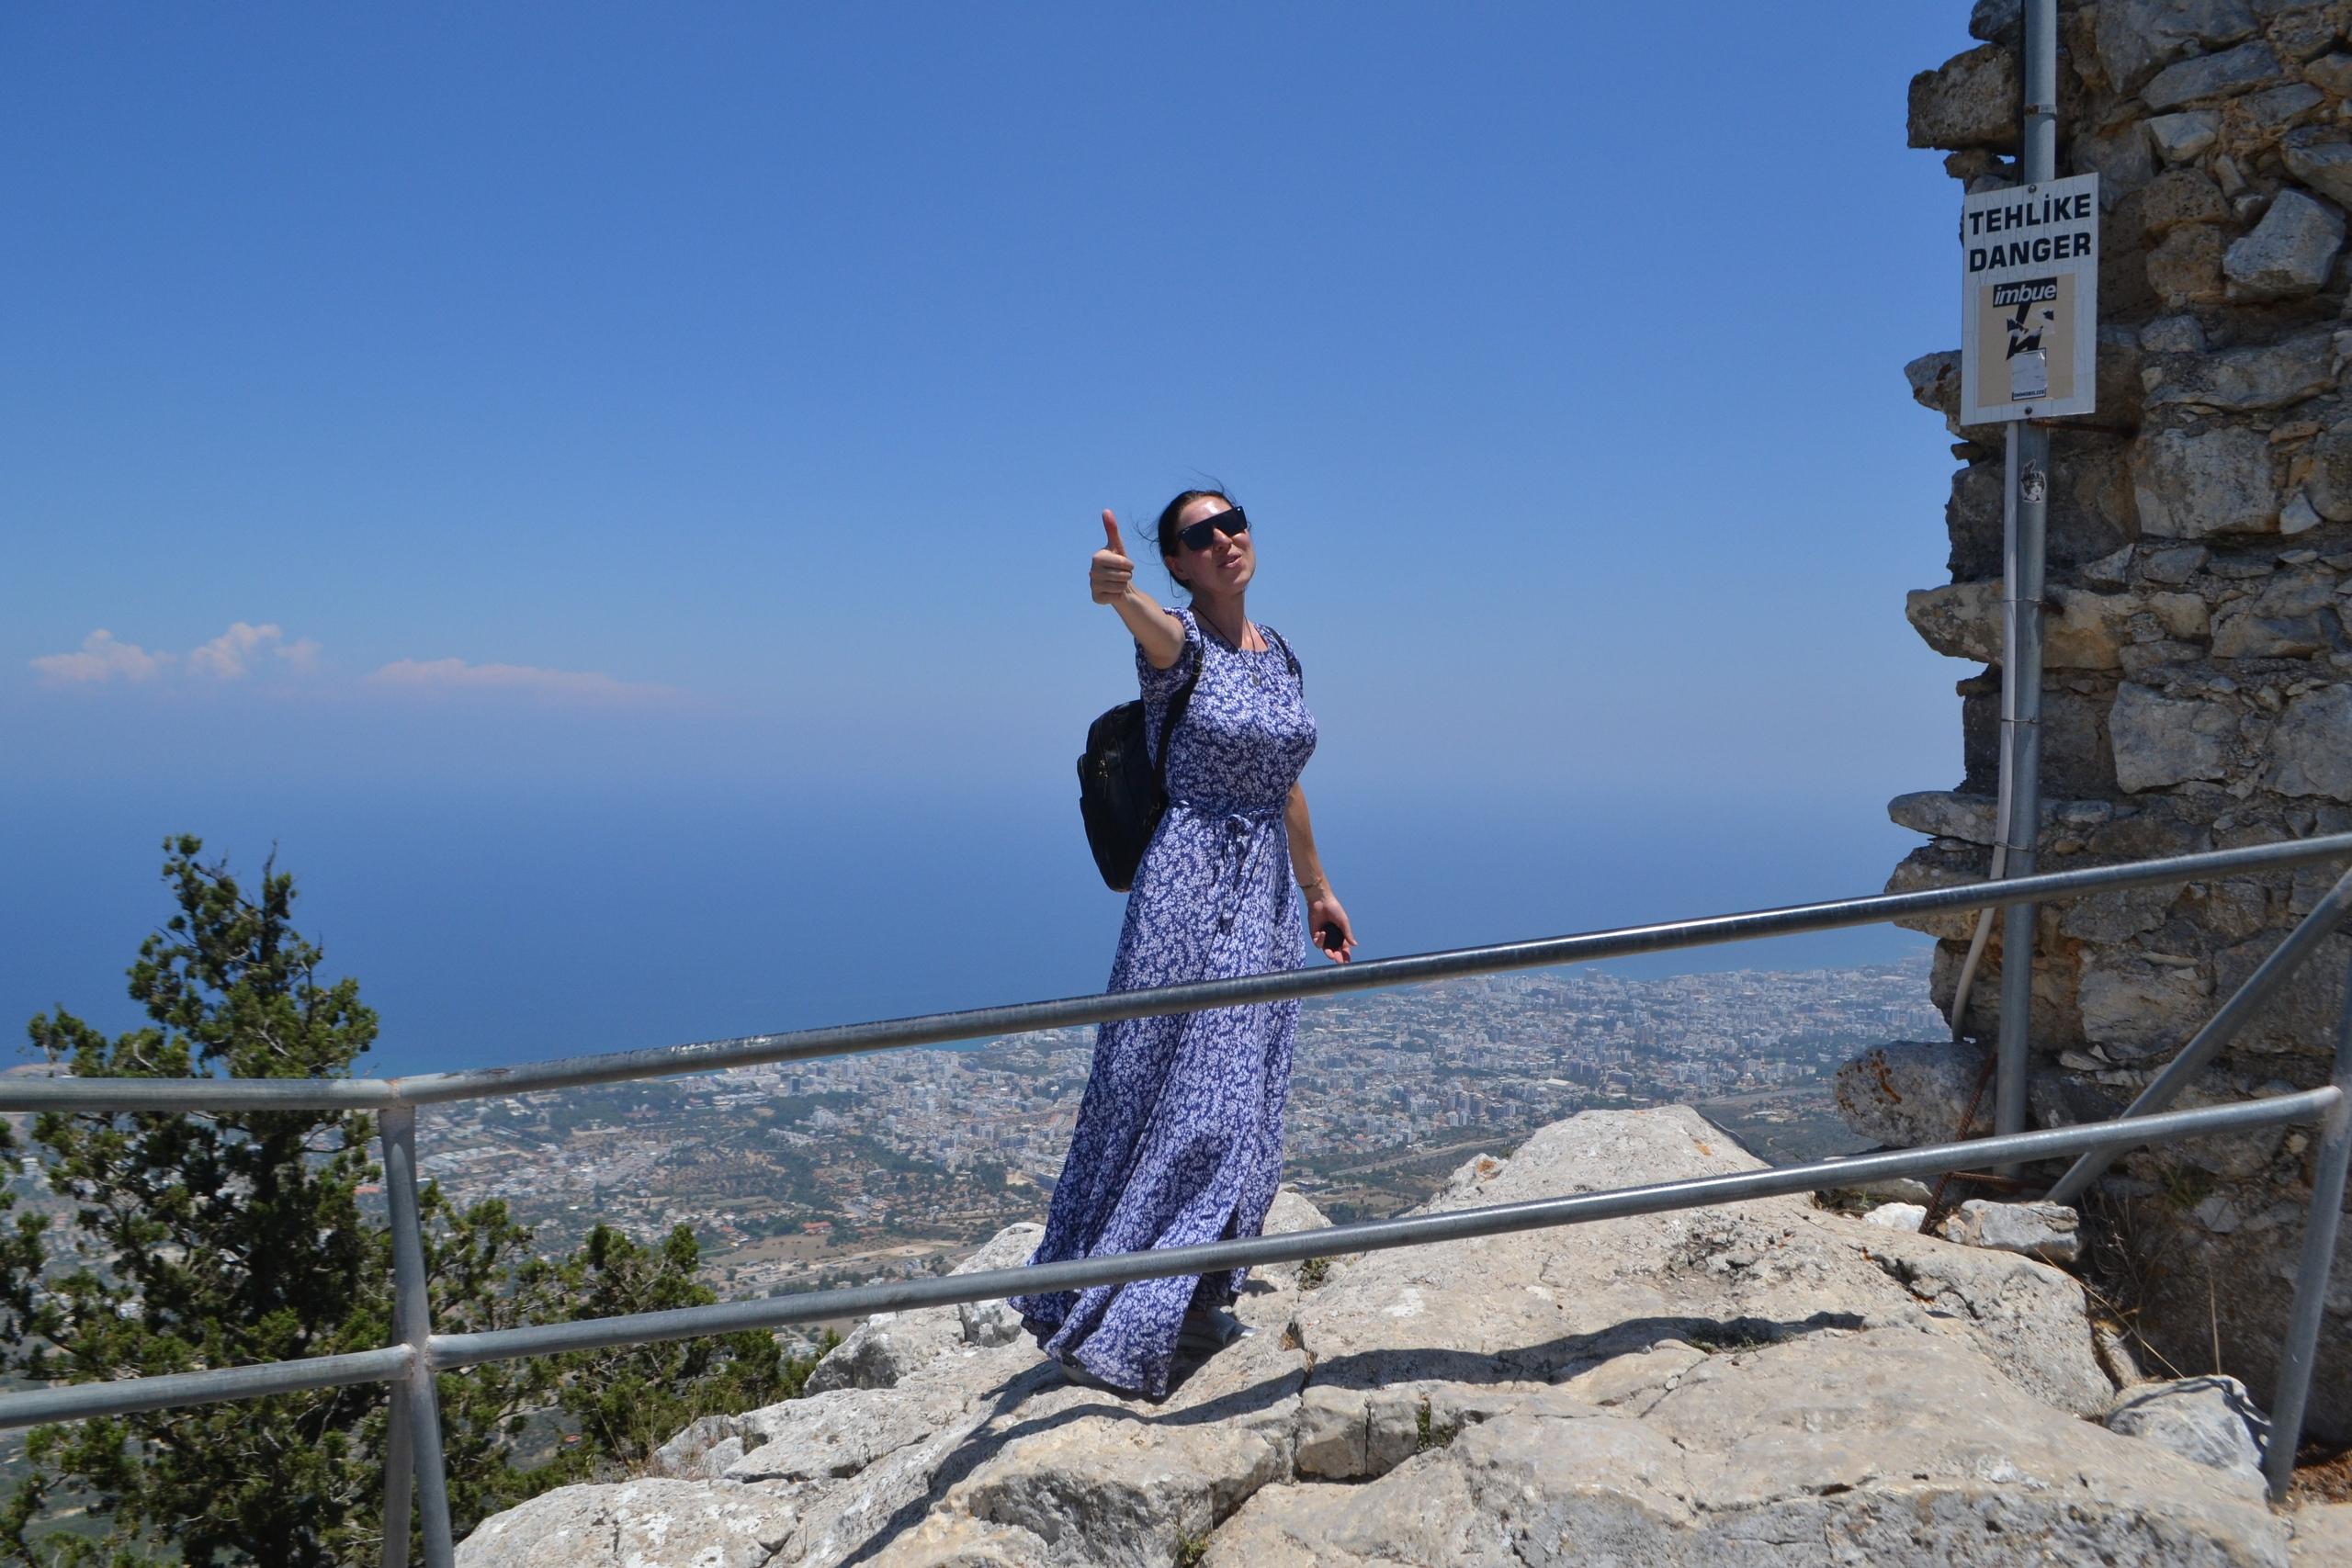 Северный Кипр. Замок Святого Иллариона. (фото). - Страница 3 ZFpd0rOc4rw